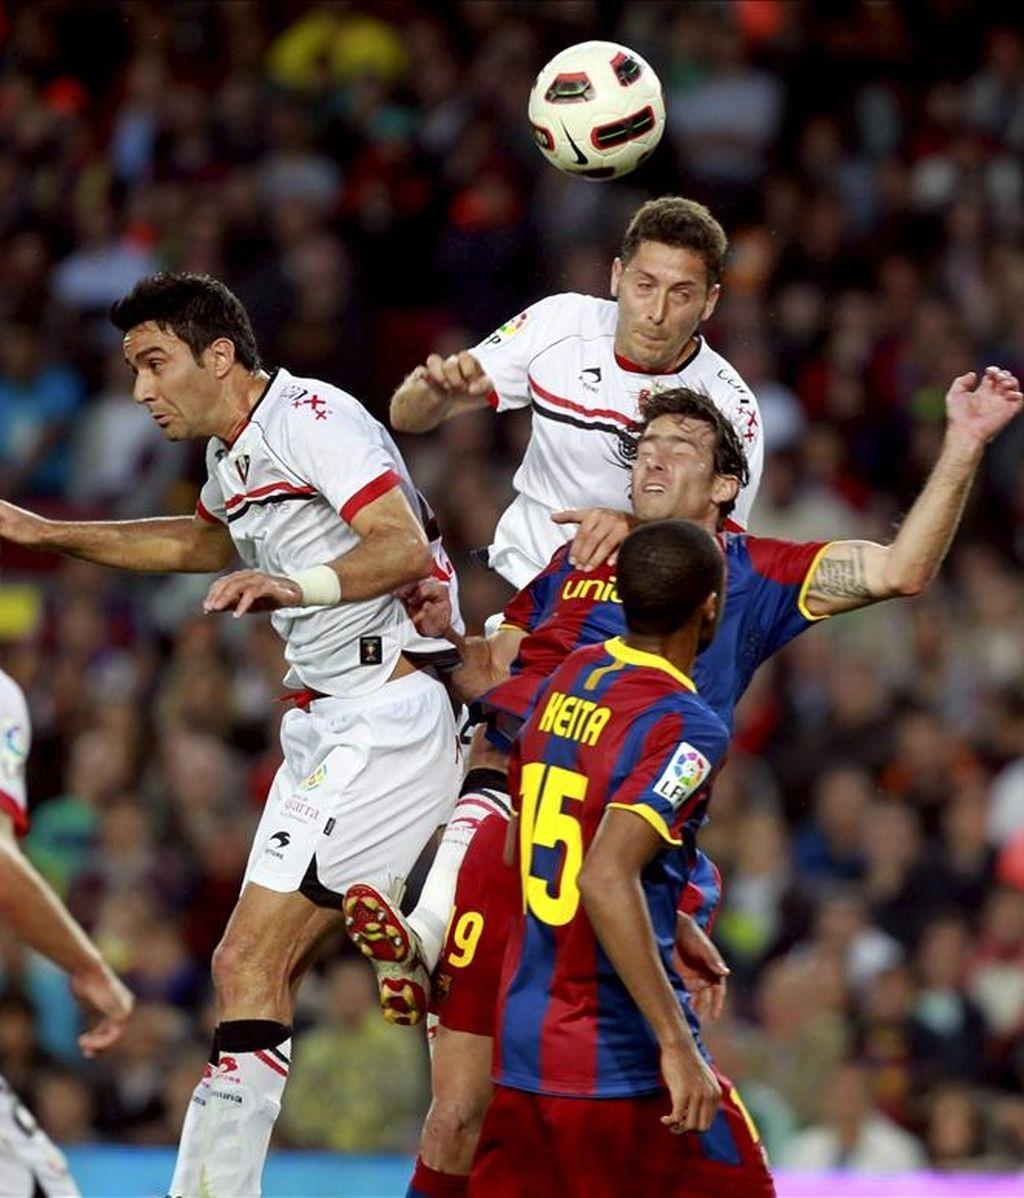 Los jugadores del FC Barcelona Seydou Keita (d-primer término) y Scherrer Maxwell (d-segundo término) pugnan por un balón aéreo con los jugadores de Osasuna Javad Nekounam (i) y Damiá Abellá durante el partido, correspondiente a la trigésima tercera jornad. EFE/Archivo